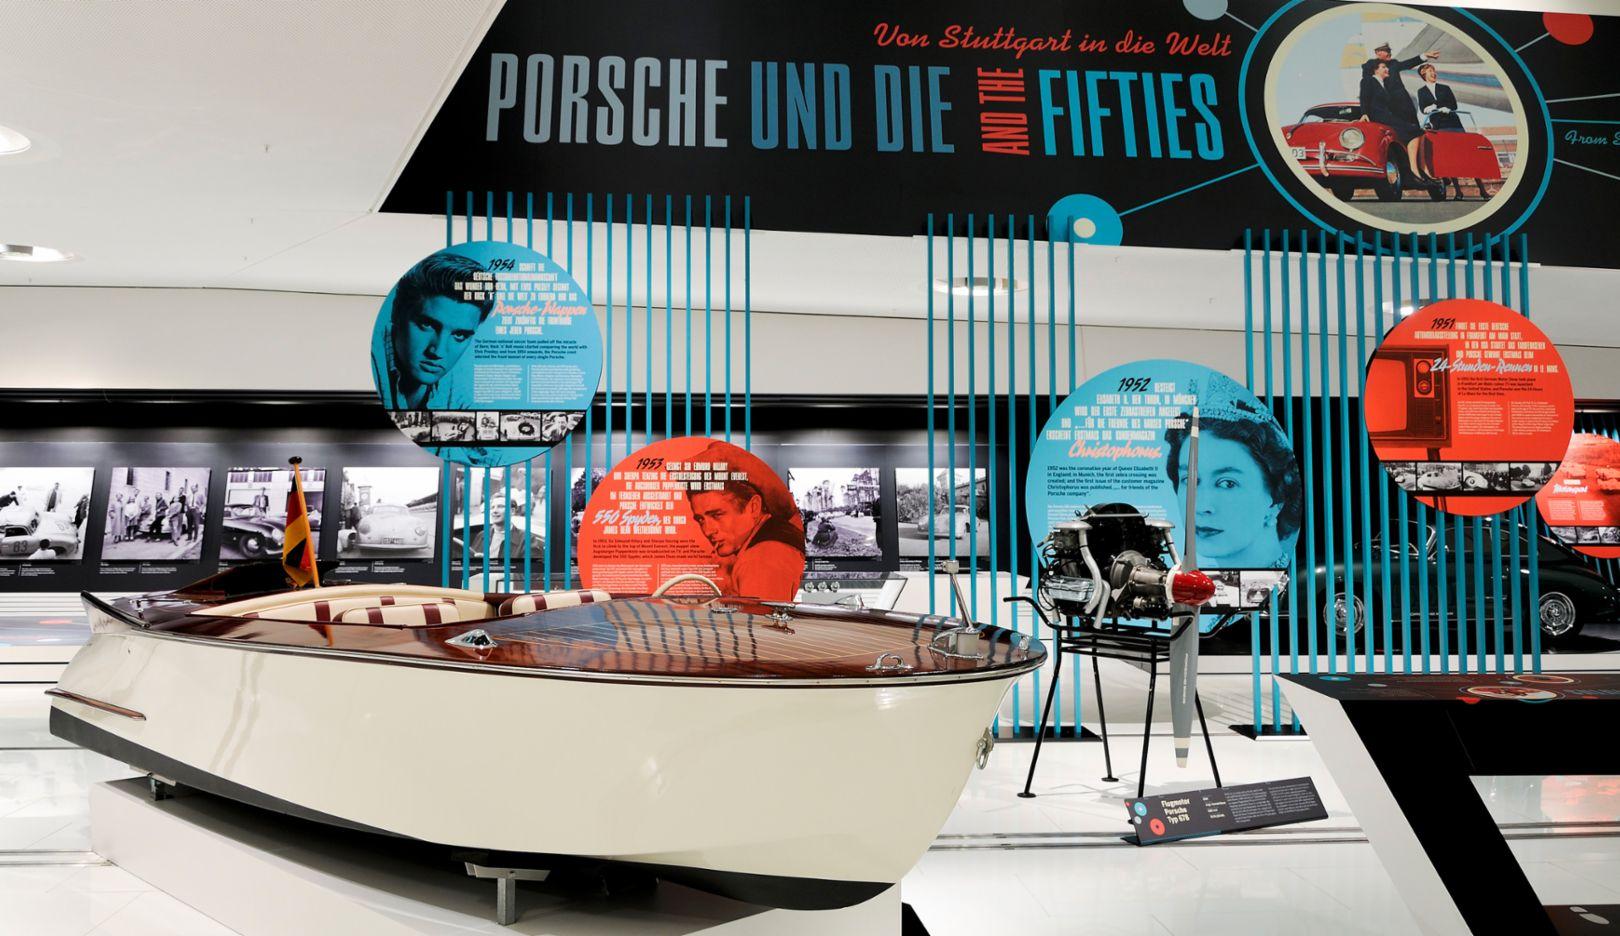 Porsche und die Fifties. Von Stuttgart in die Welt, Sonderausstellung Porsche Museum, Zuffenhausen, 2015, Porsche AG